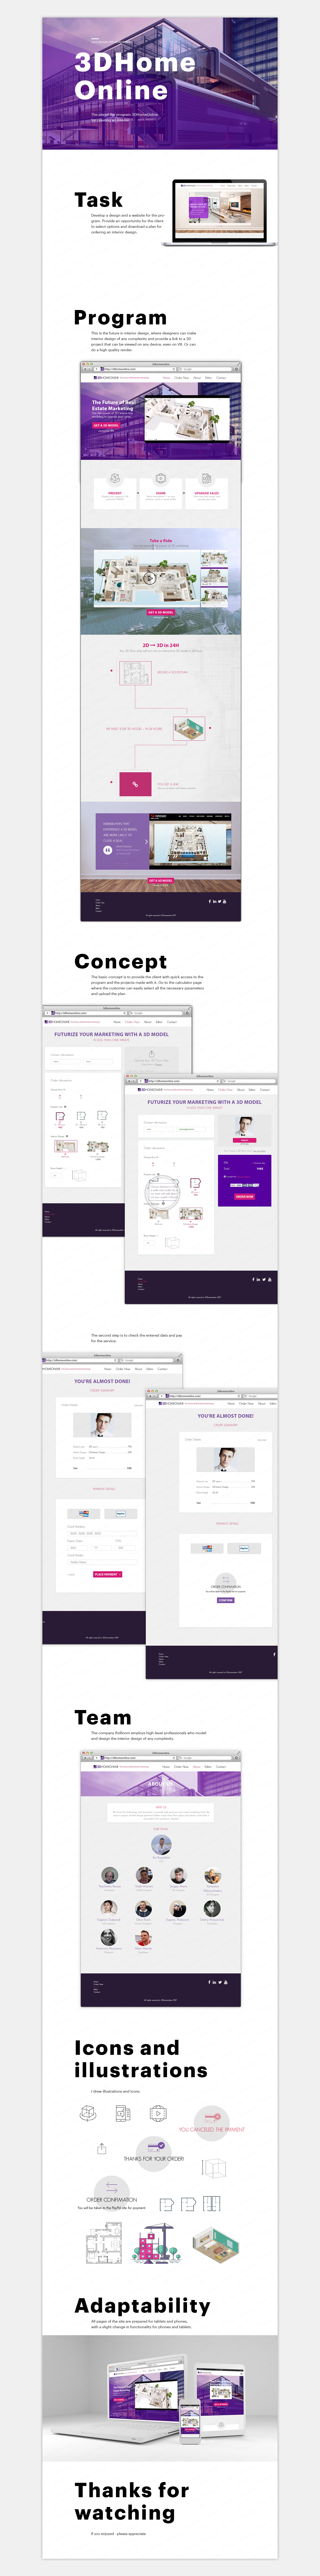 Адаптивный дизайн сайта / вёрстка / разработка сайта